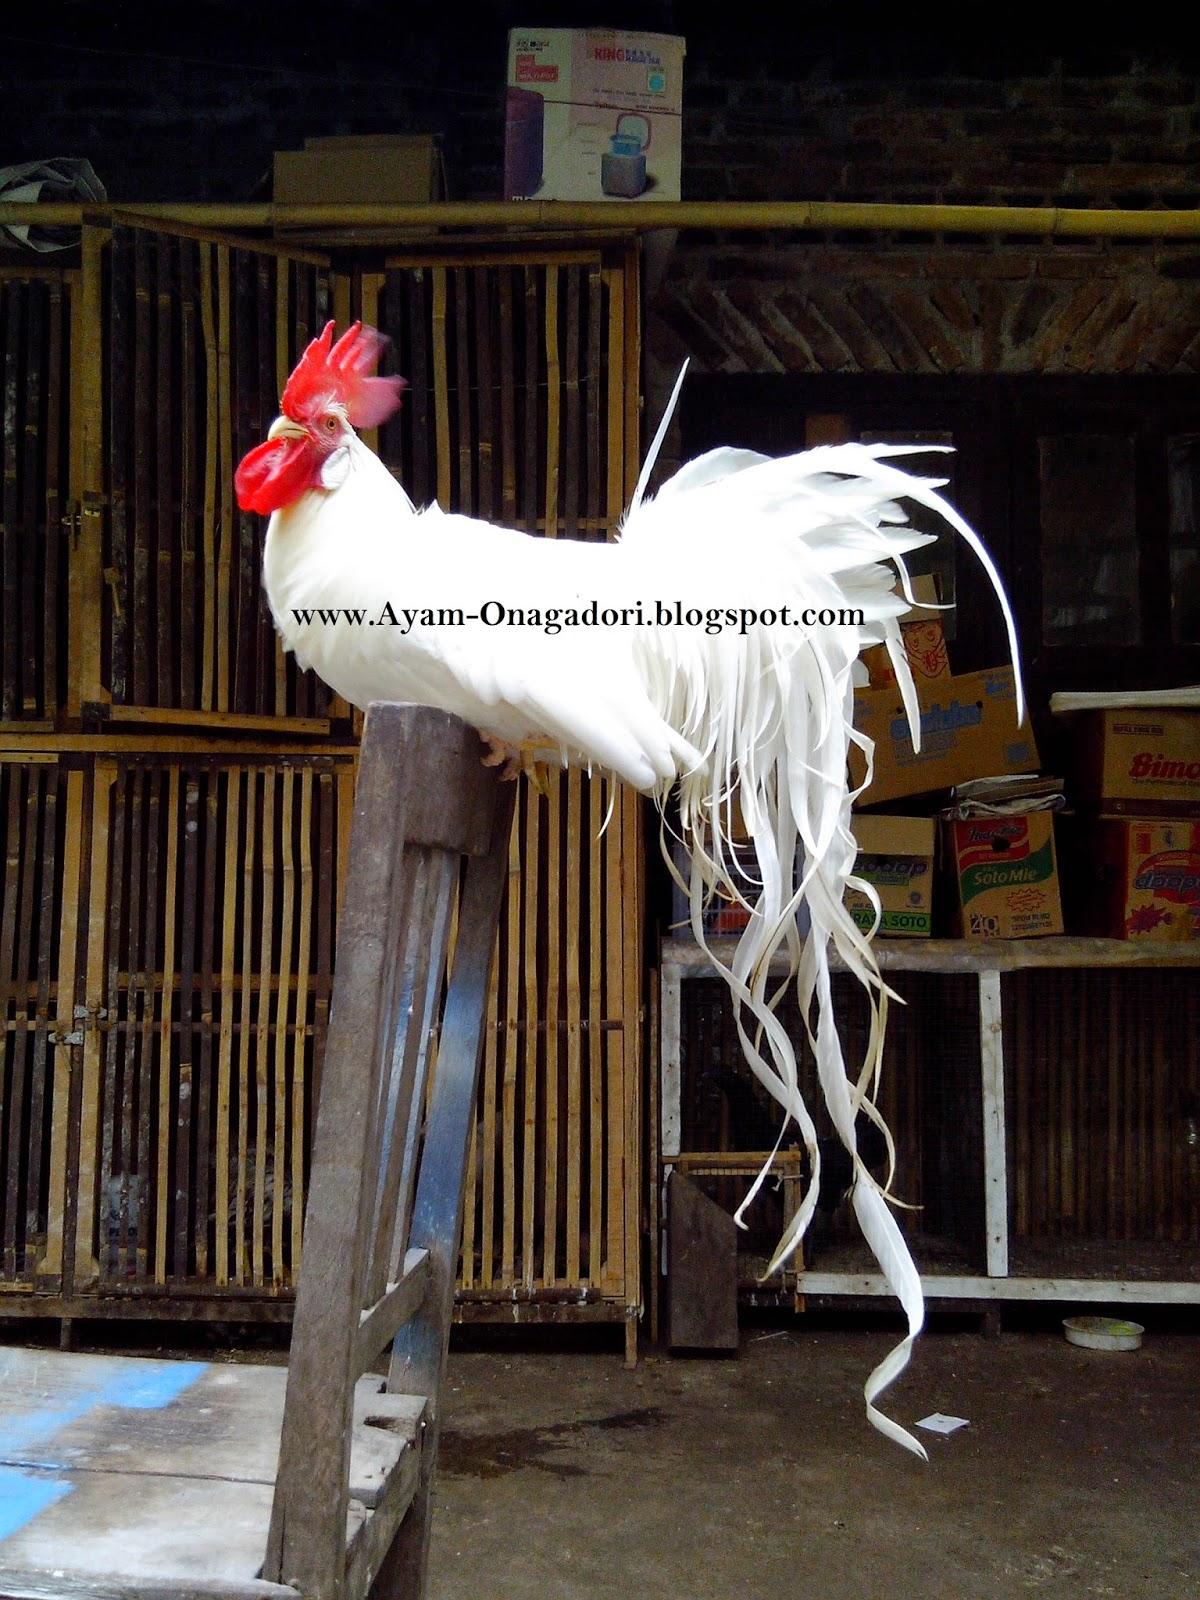 Jual Ayam Hias Onagadori